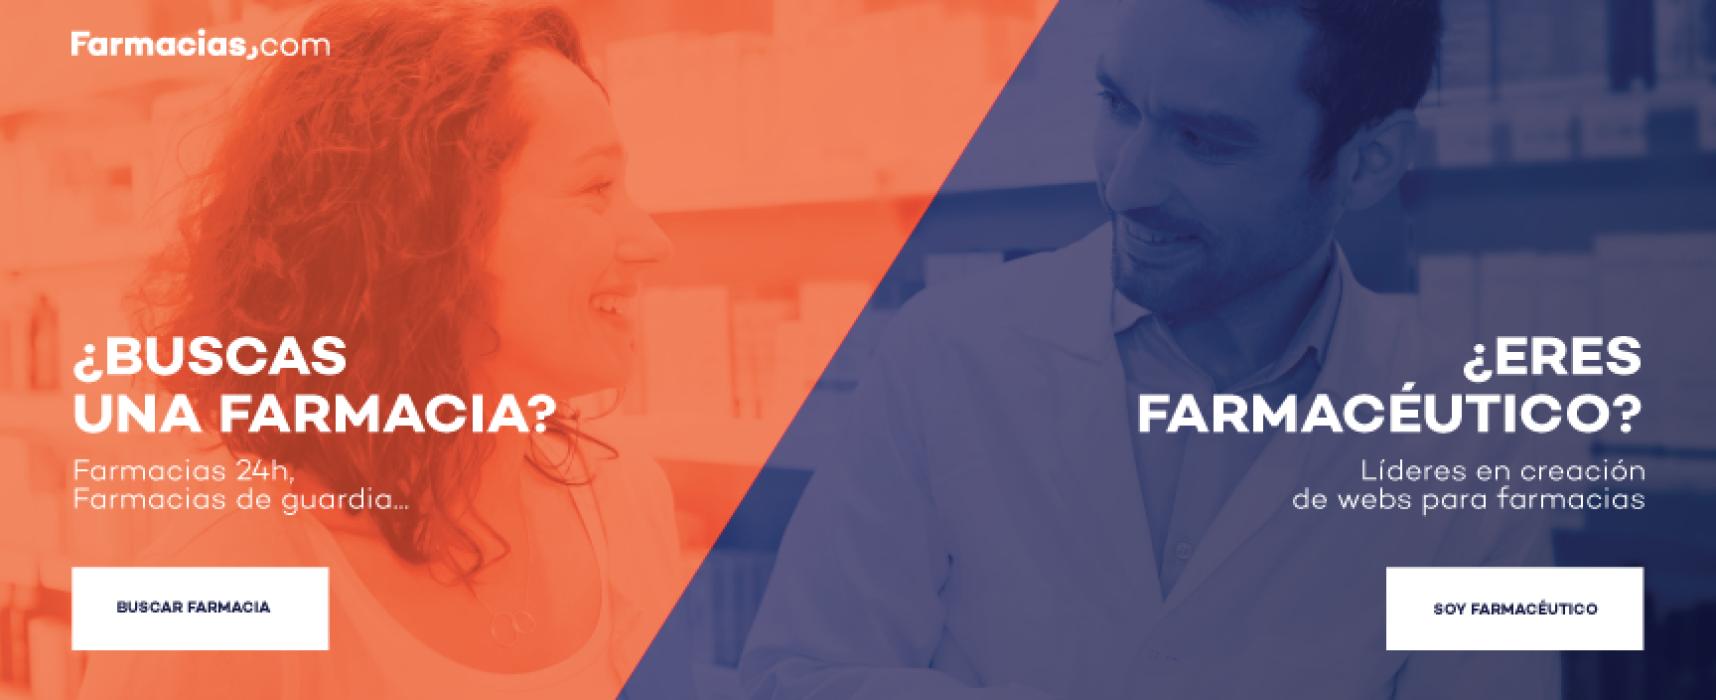 Cazafarma ahora se llama Farmacias.com